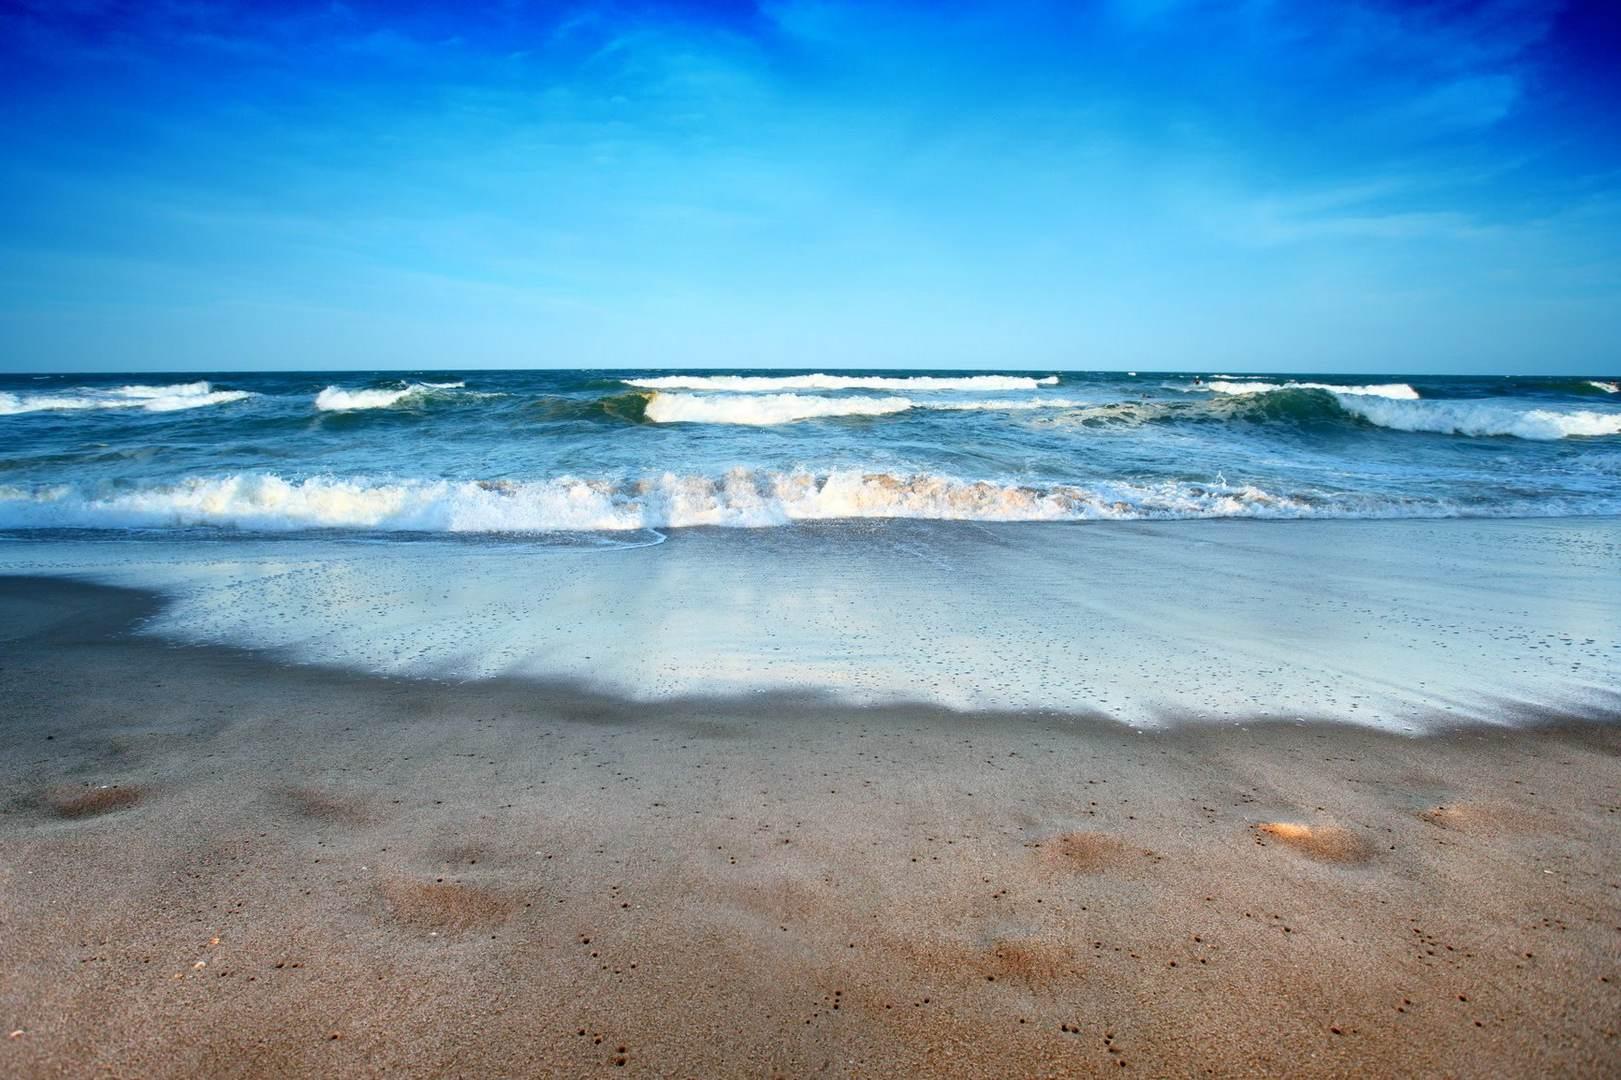 красивое море в стиле фэнтези. безлюдный пляж на берегу океана. сон про банкет у аристократов